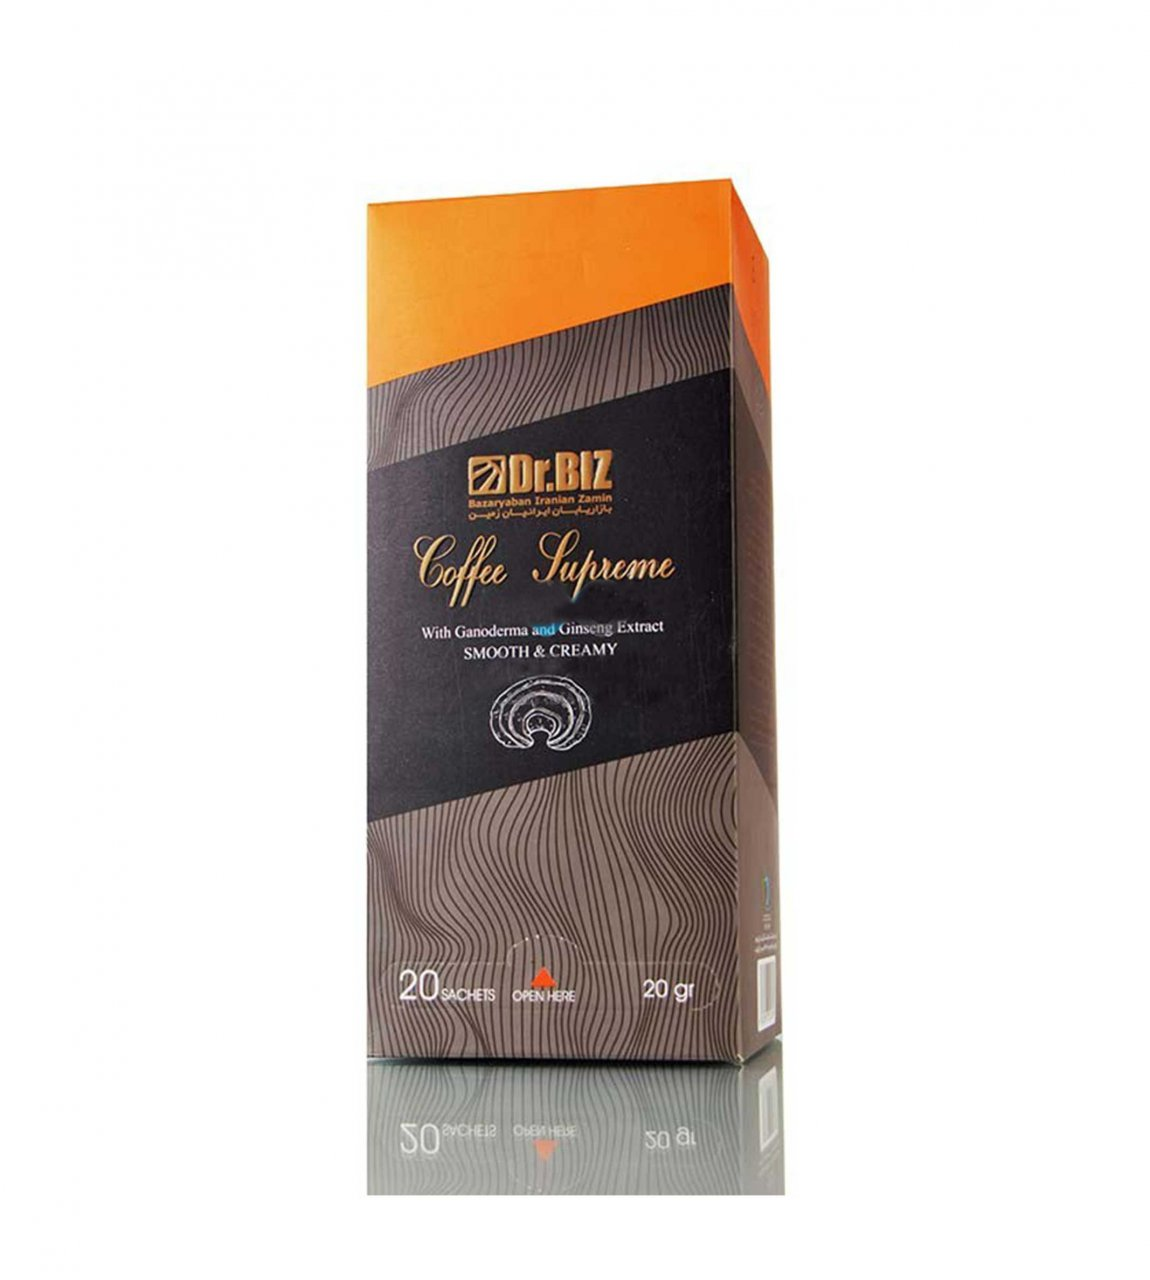 قهوه سوپریم گانودرما دکتر بیز 20 عددی ارسال رایگان